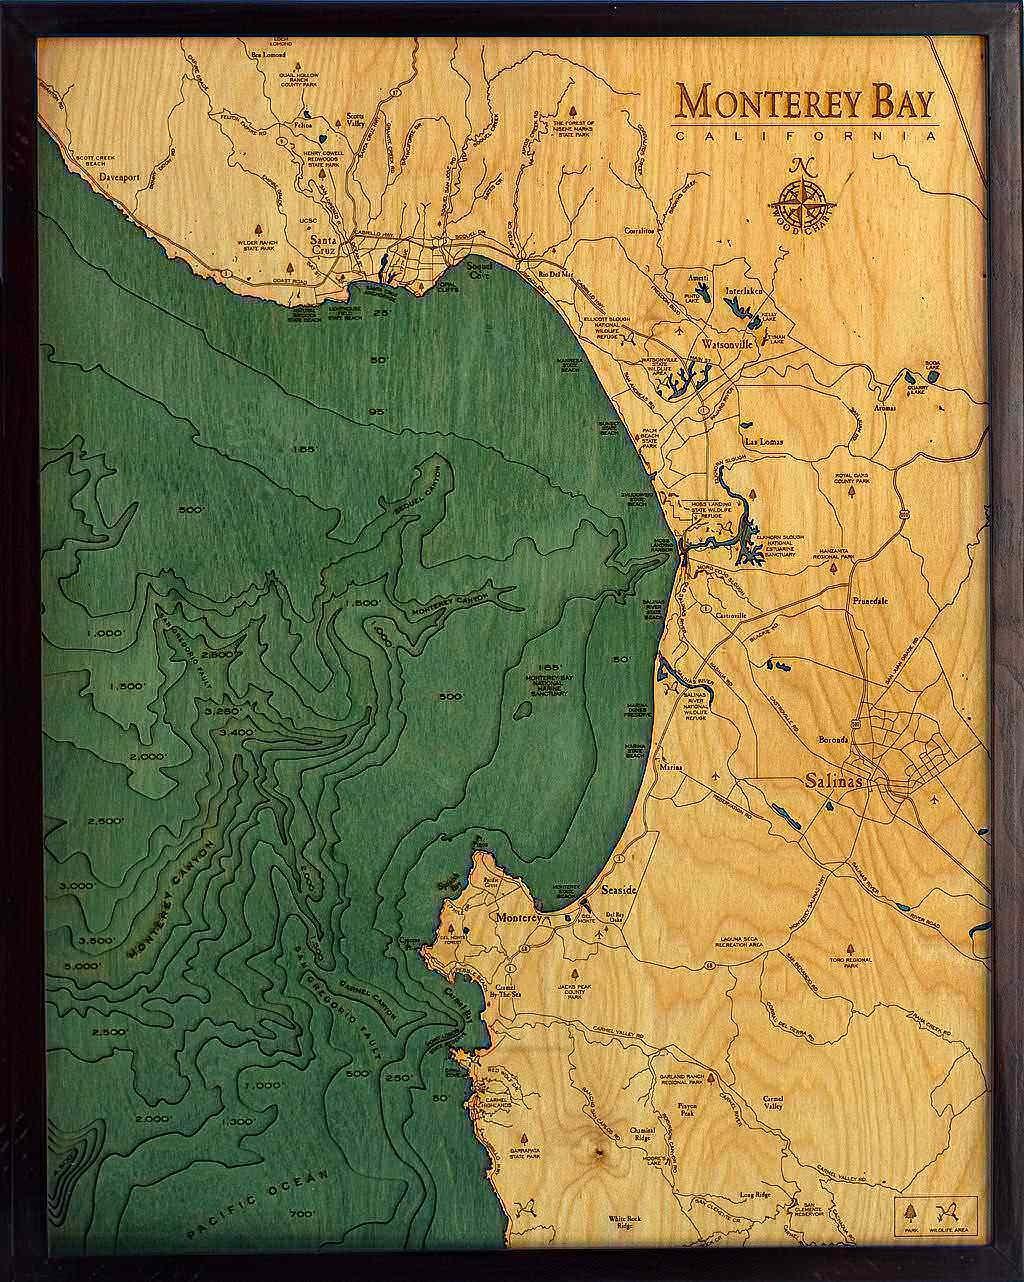 Monterey Bay 3-D náutico madera tabla 24,5 x 31: Amazon.es ...